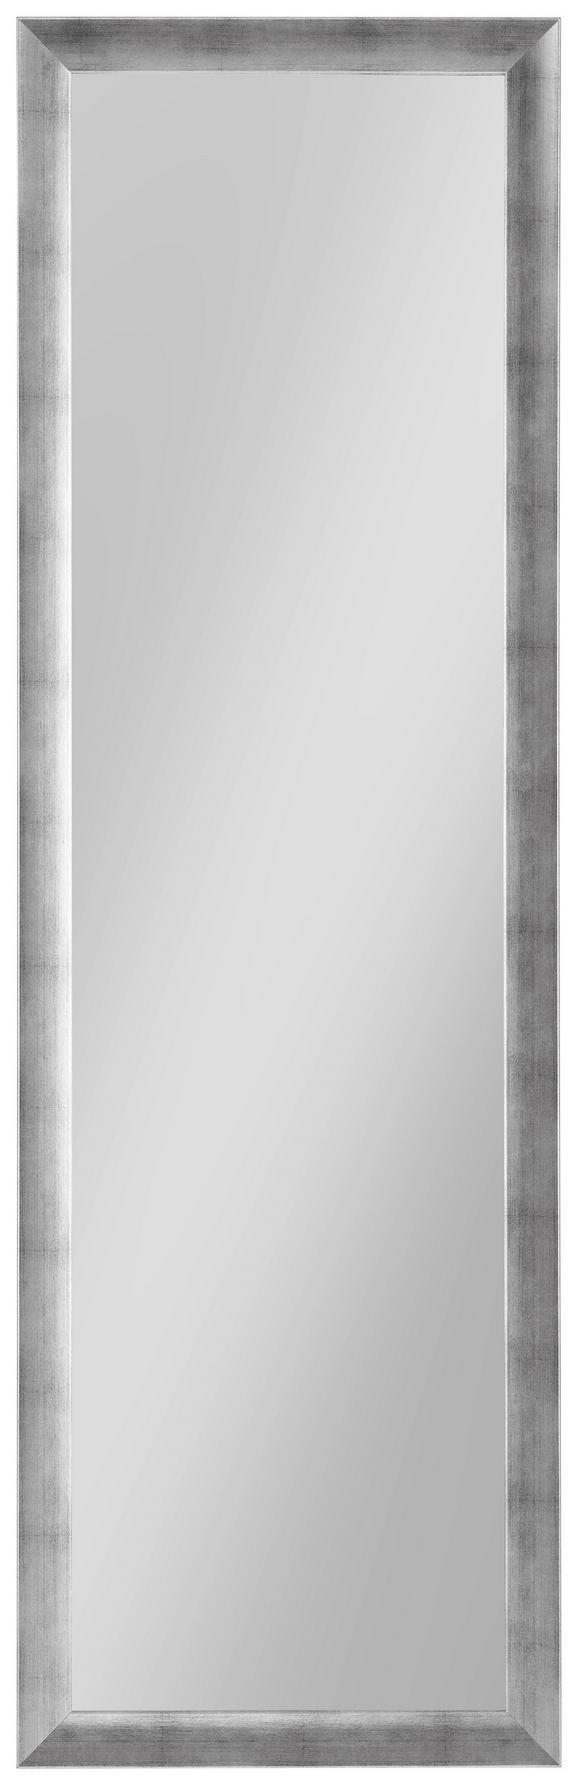 Wandspiegel Silberfarben - Silberfarben, MODERN, Glas/Holzwerkstoff (50/160cm) - Mömax modern living